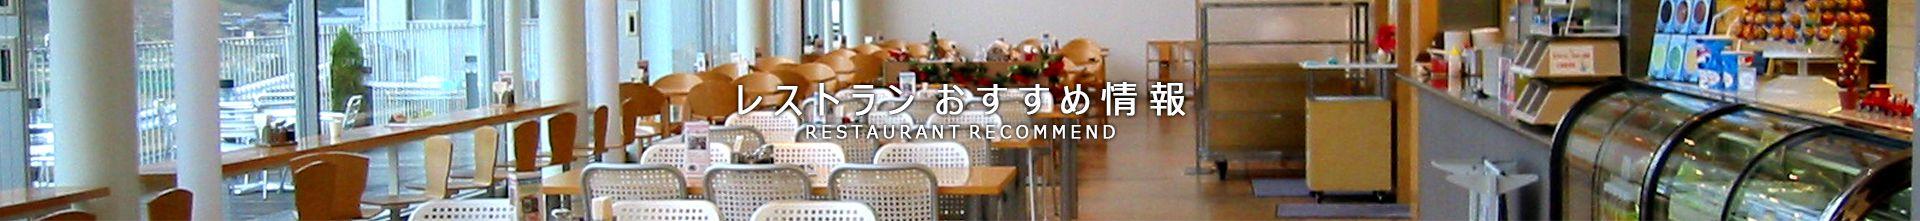 レストランおすすめ情報